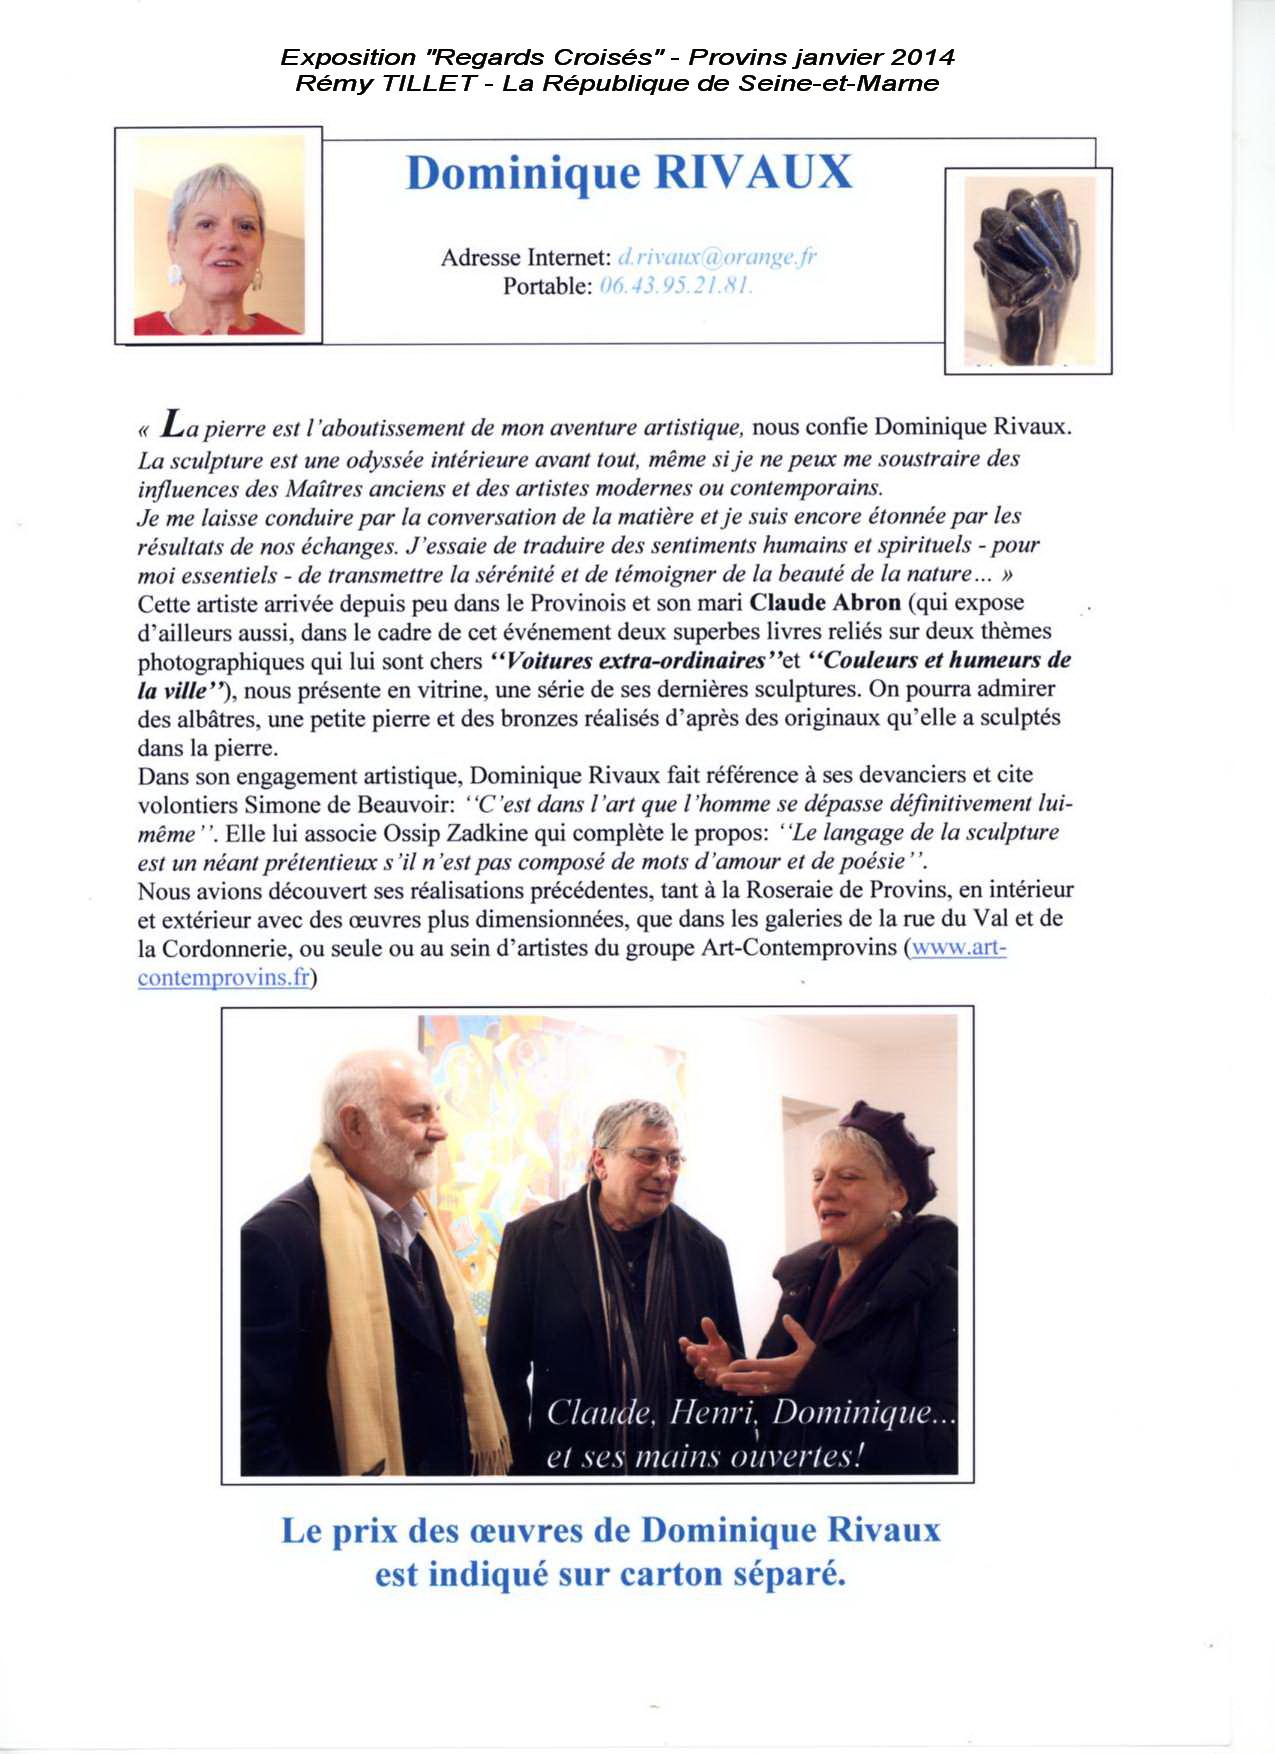 Article de Rémy TILLET paru dans La Republique sur l'Exposition Regards-croisés - Provins 2014